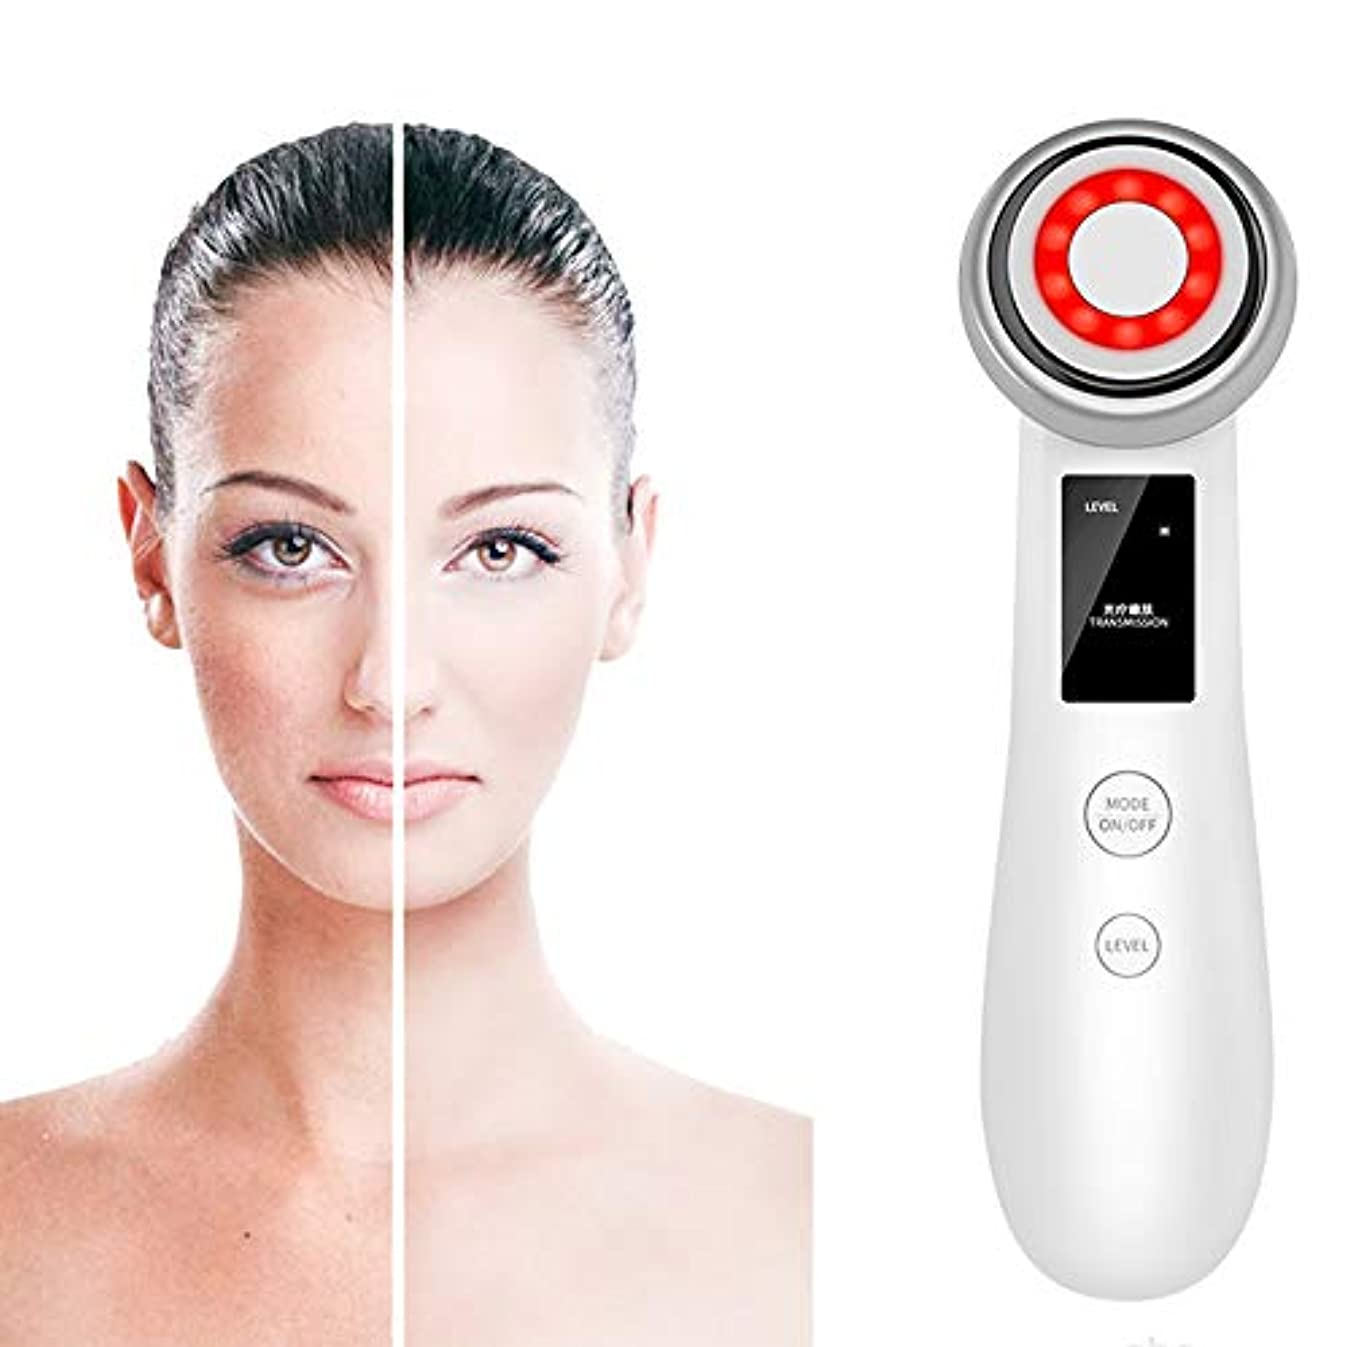 テント外国人直径皮膚は顔のリフティング用LEDレッドライト、スキンファーミング、皮膚の調色、ディープクレンジング、注入、マッサージでリラックスして美容機器を締め